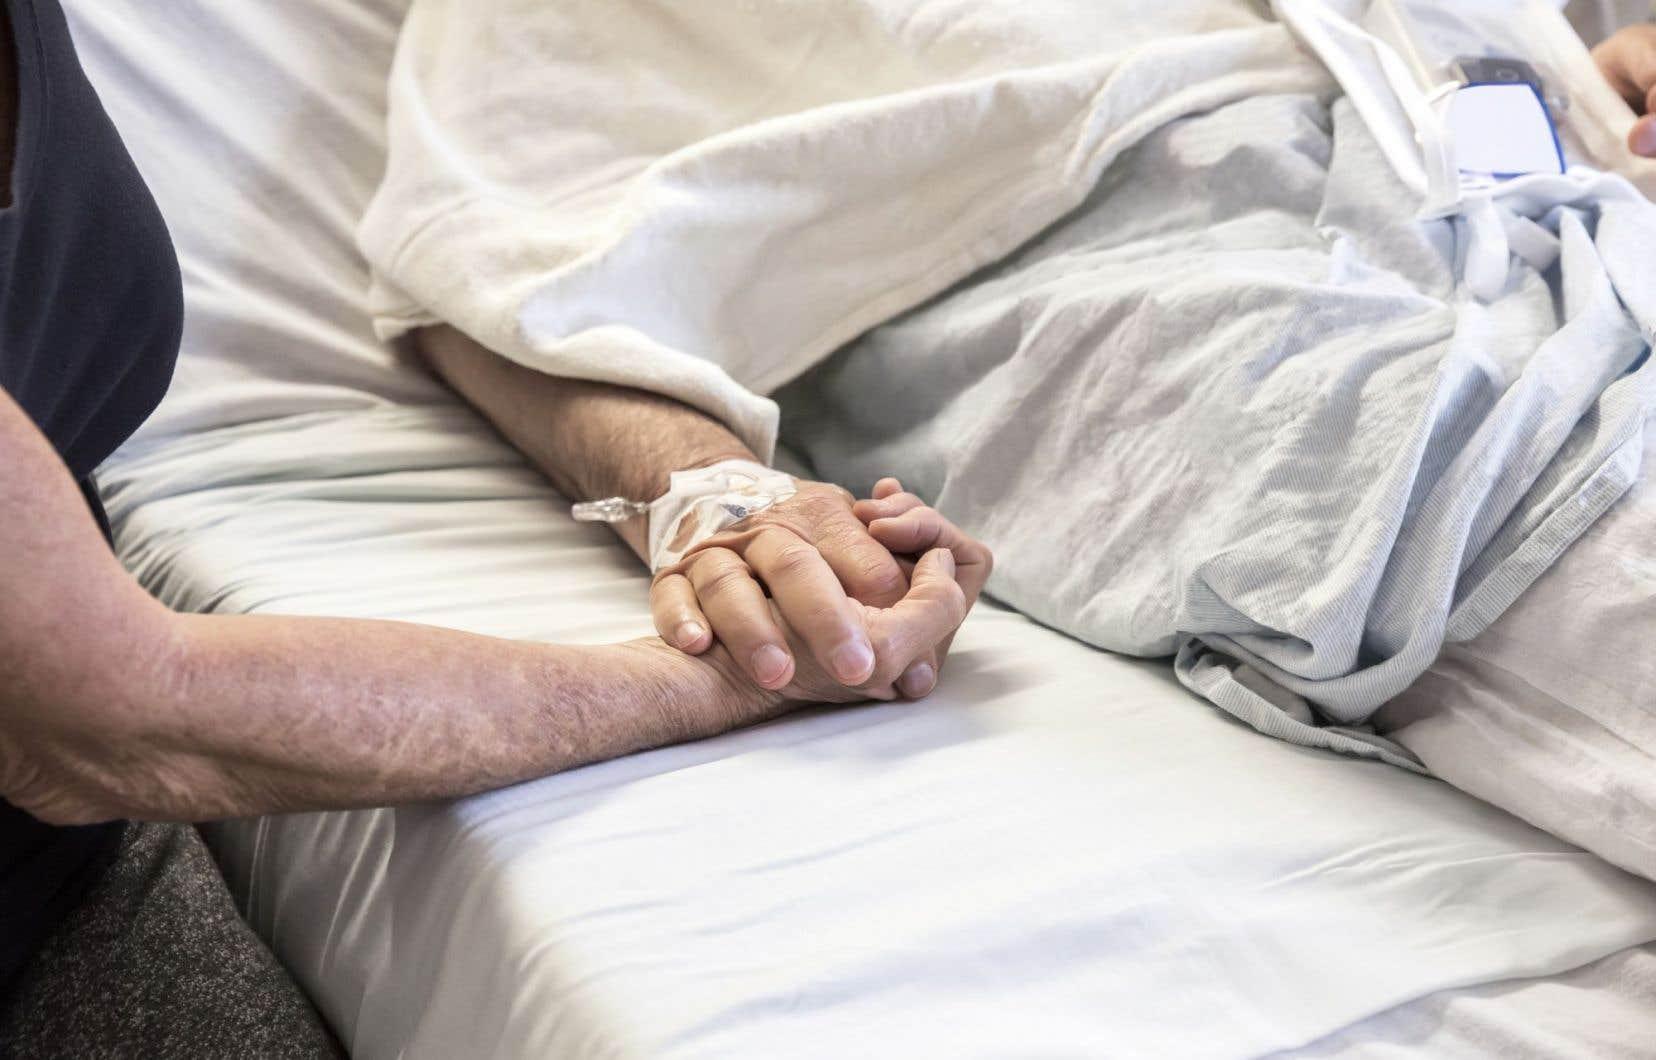 Seulement 11 % des Québécois peuvent mourir à domicile, grâce à des soins palliatifs de qualité, selon Alain Legault.